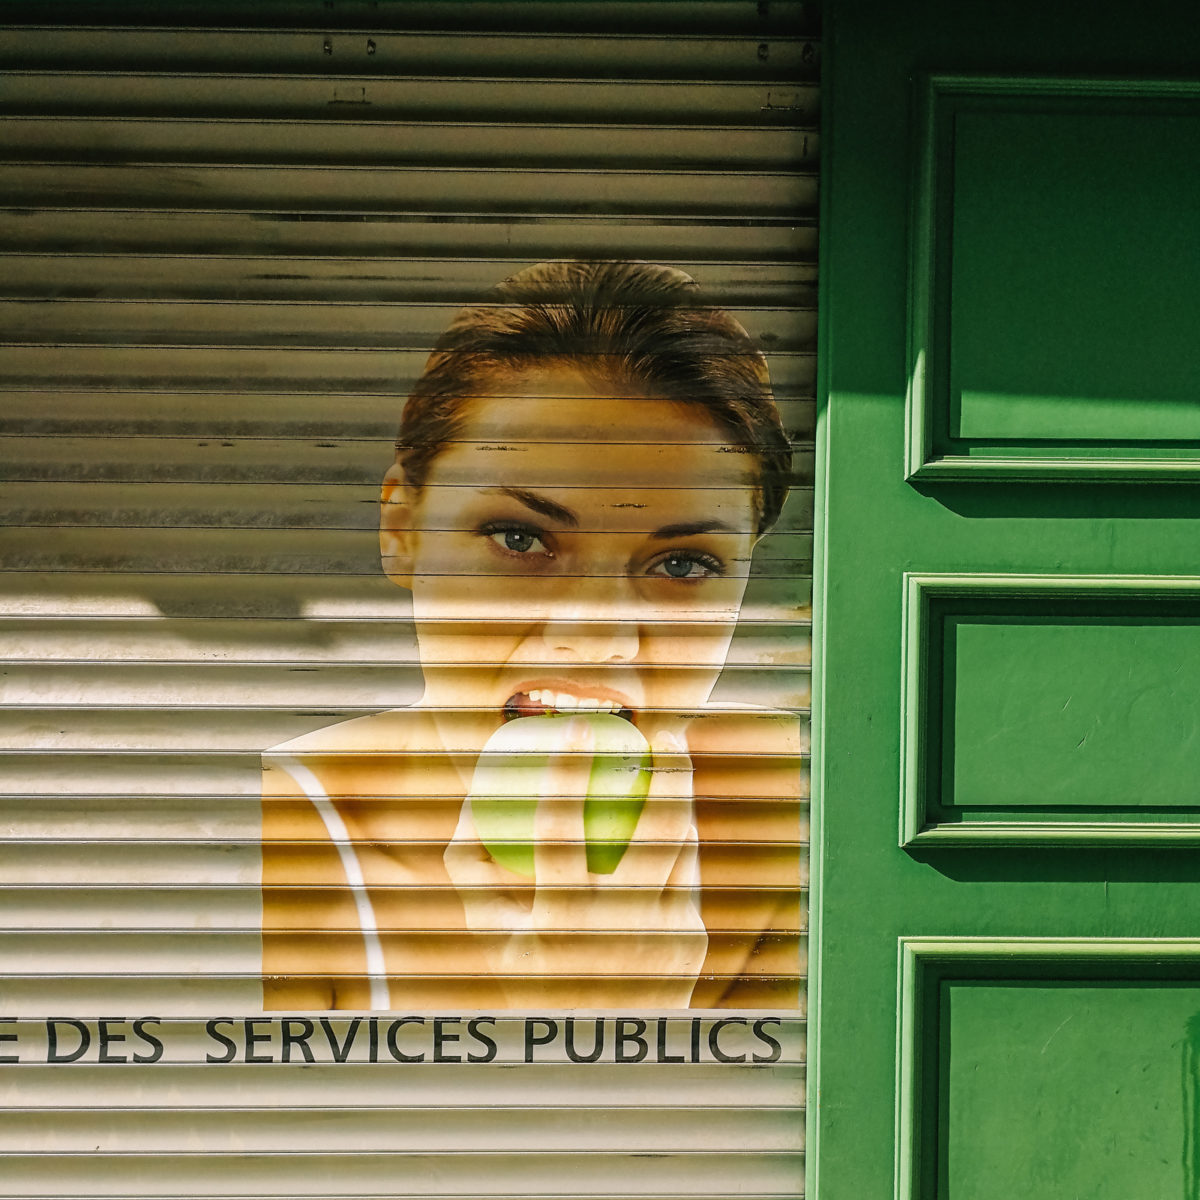 aliocha boi arles photographie surfaces mur streetart6 - Le photographe Aliocha Boi révèle la façade street d'Arles